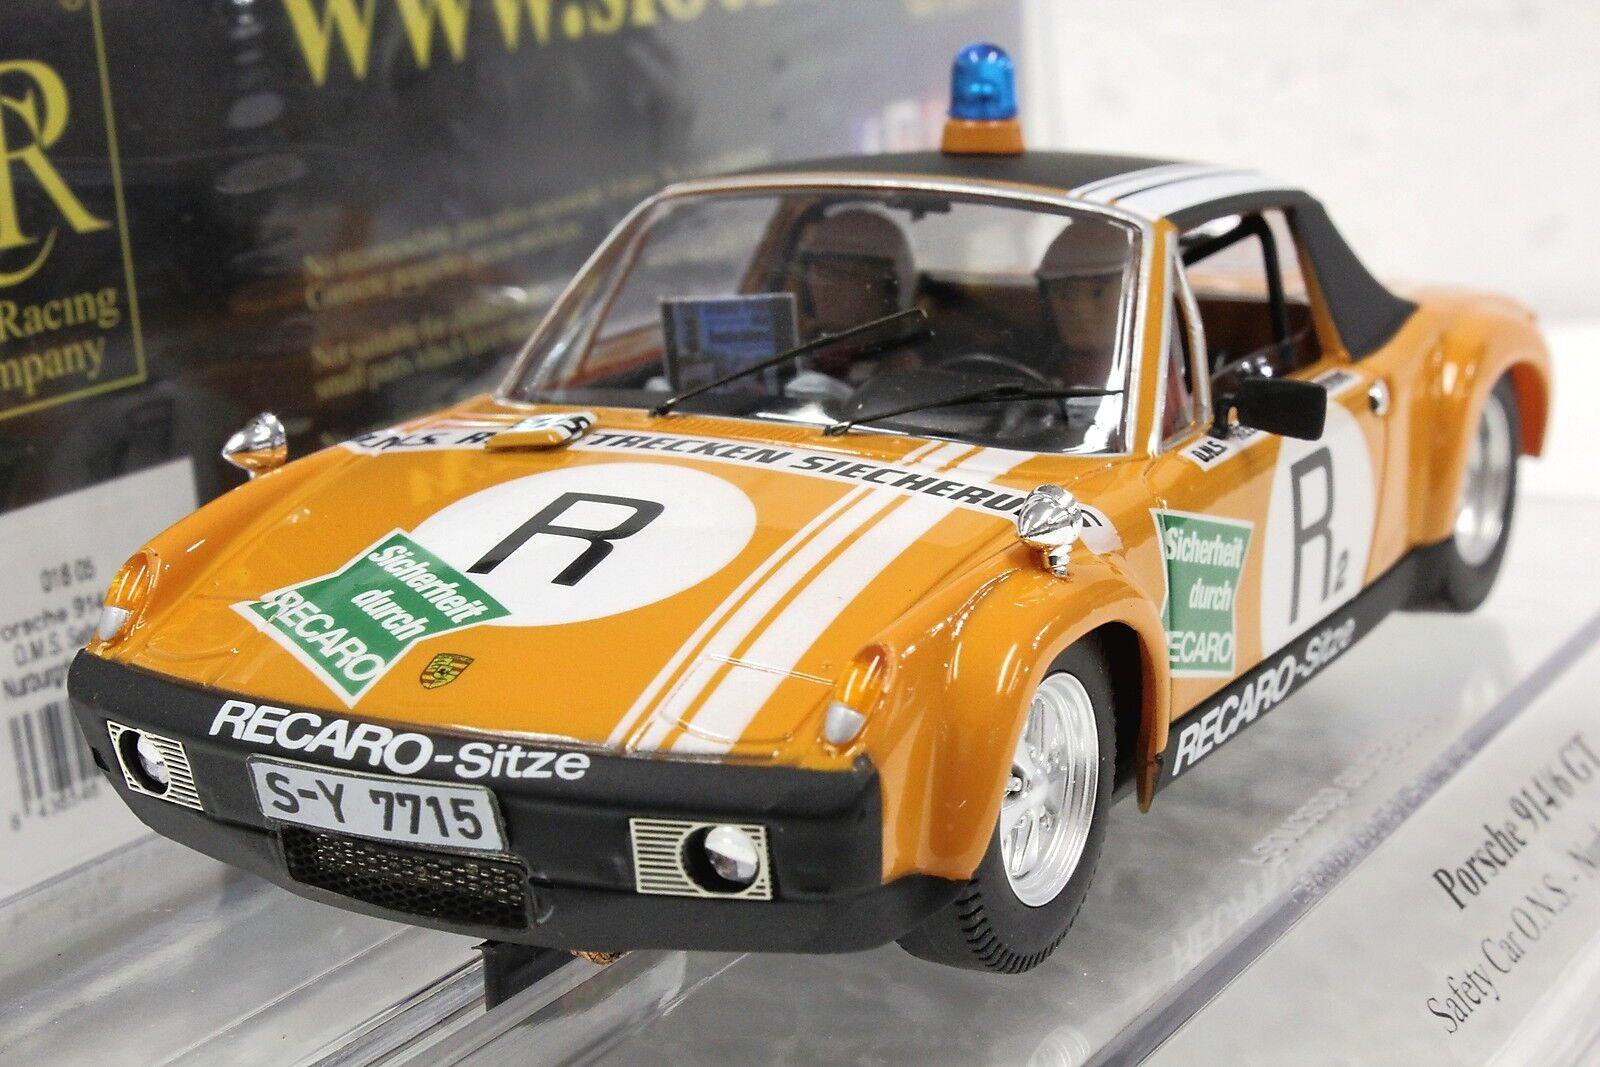 Src 01605 porsche 914   6 nürburgring 1973 f1 - safety - car neue 1   32 - auto